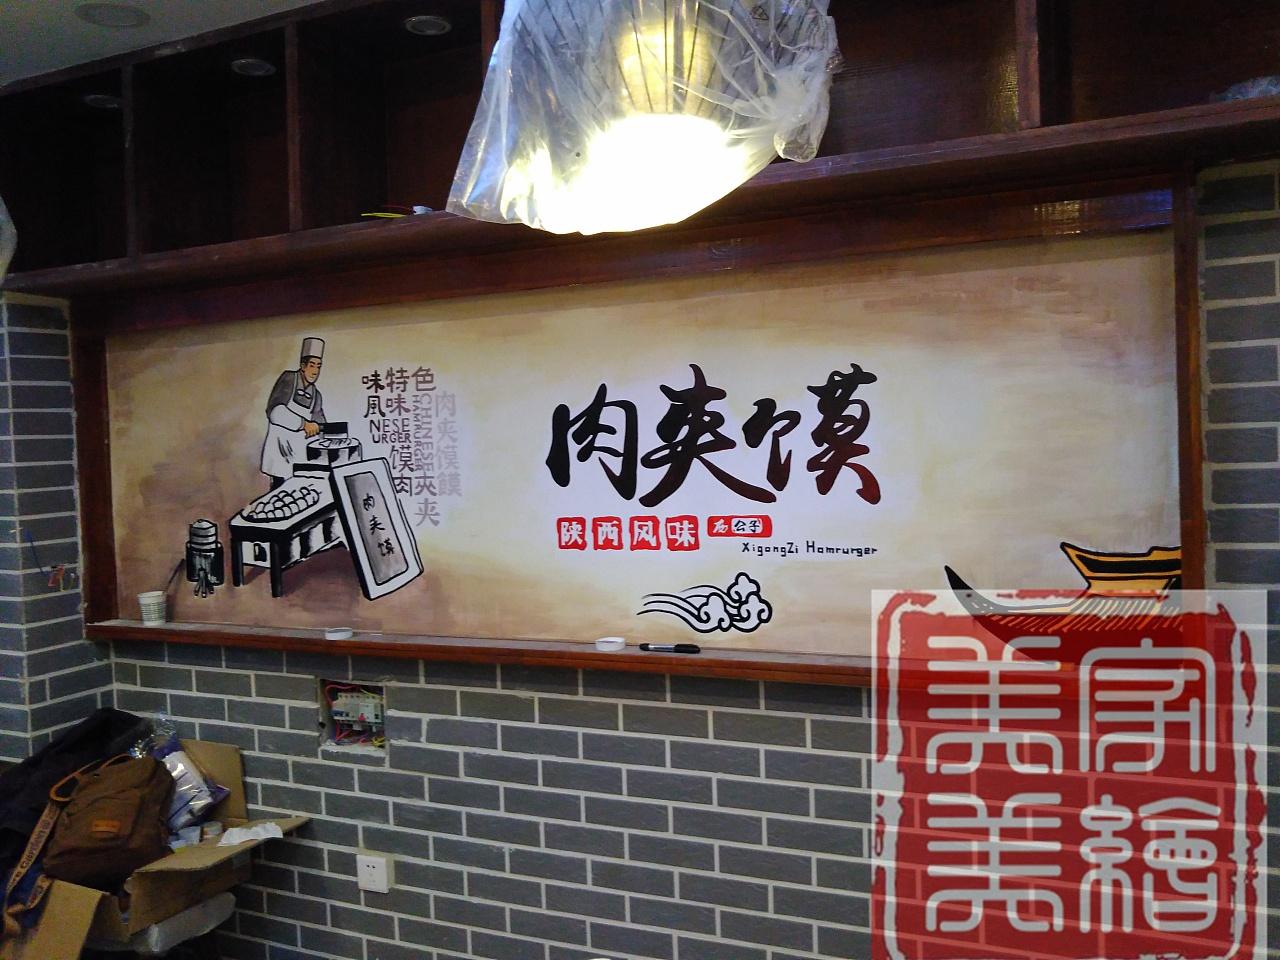 太原饭店手绘墙绘墙体彩绘.太原幼儿园文化墙.